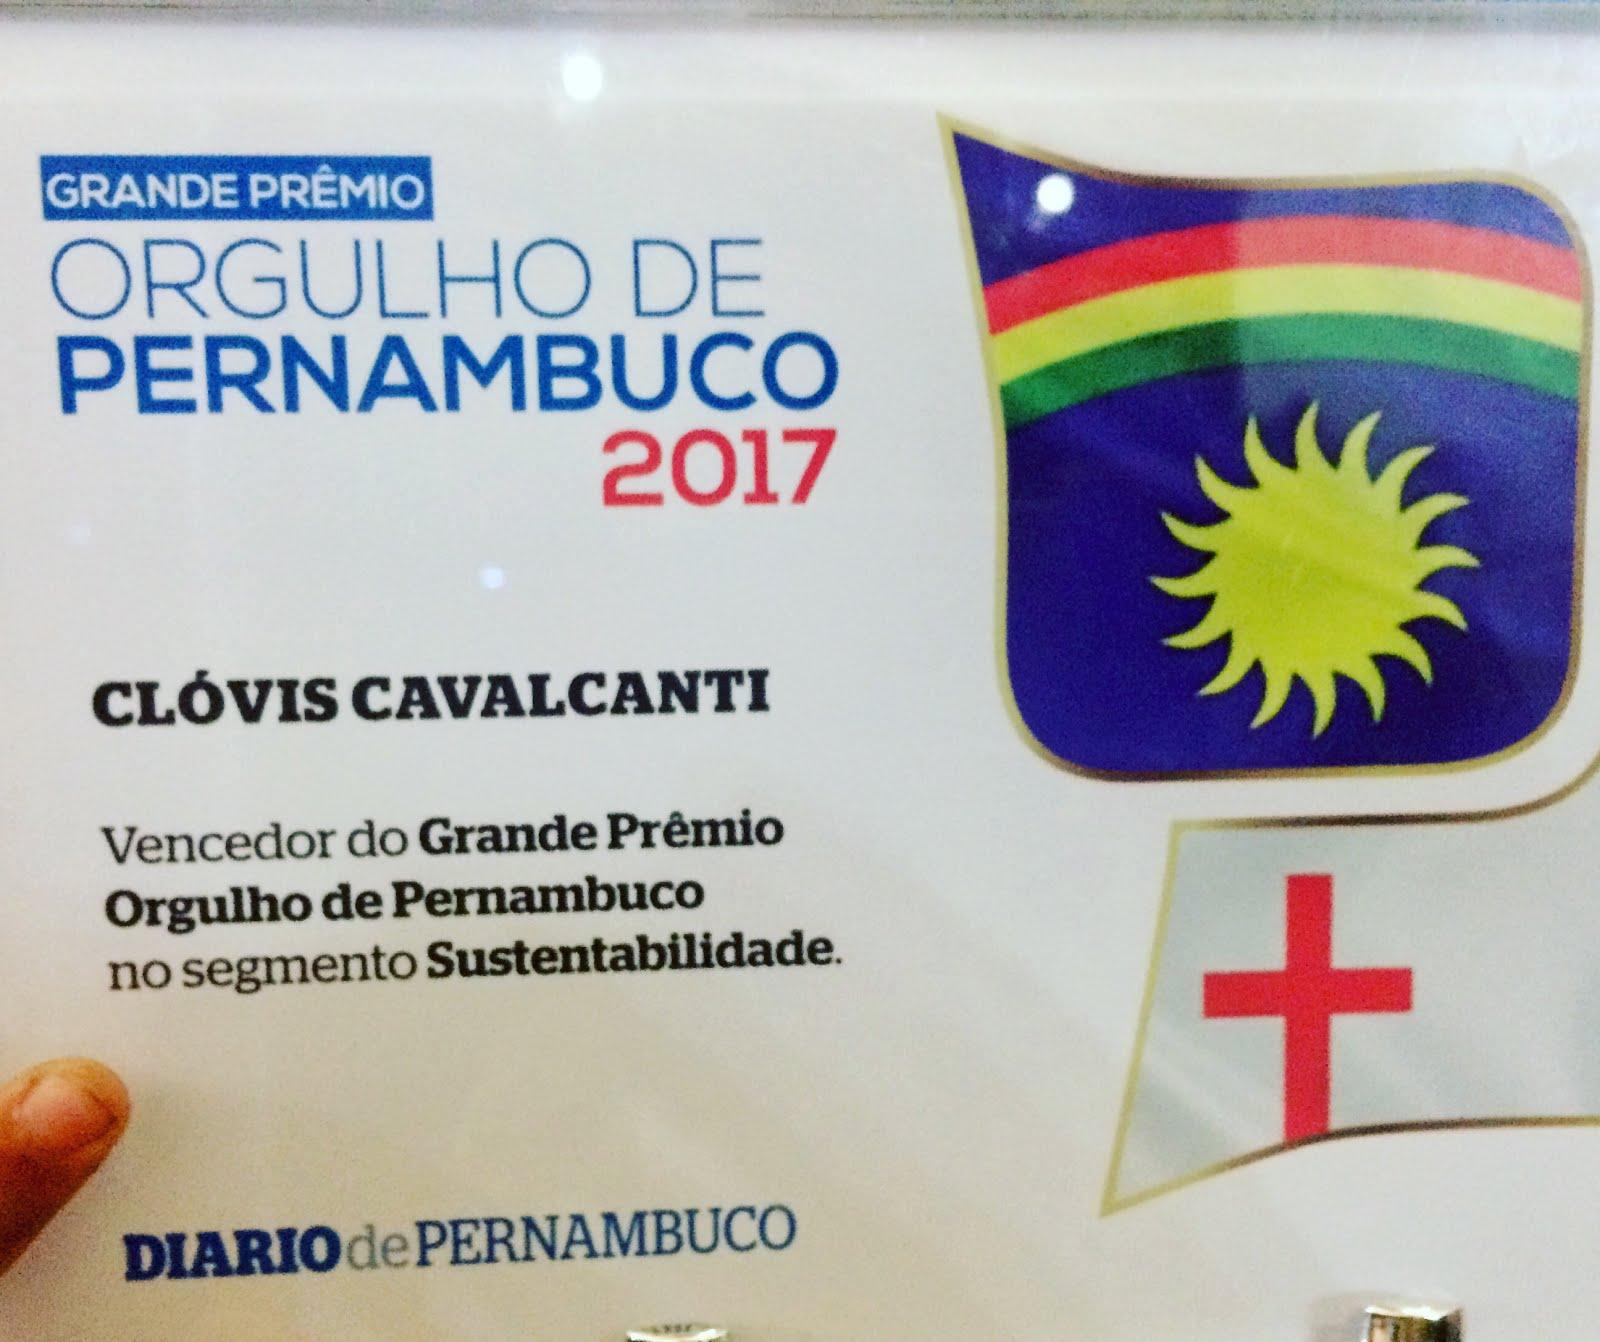 Orgulho de Pernambuco 2017